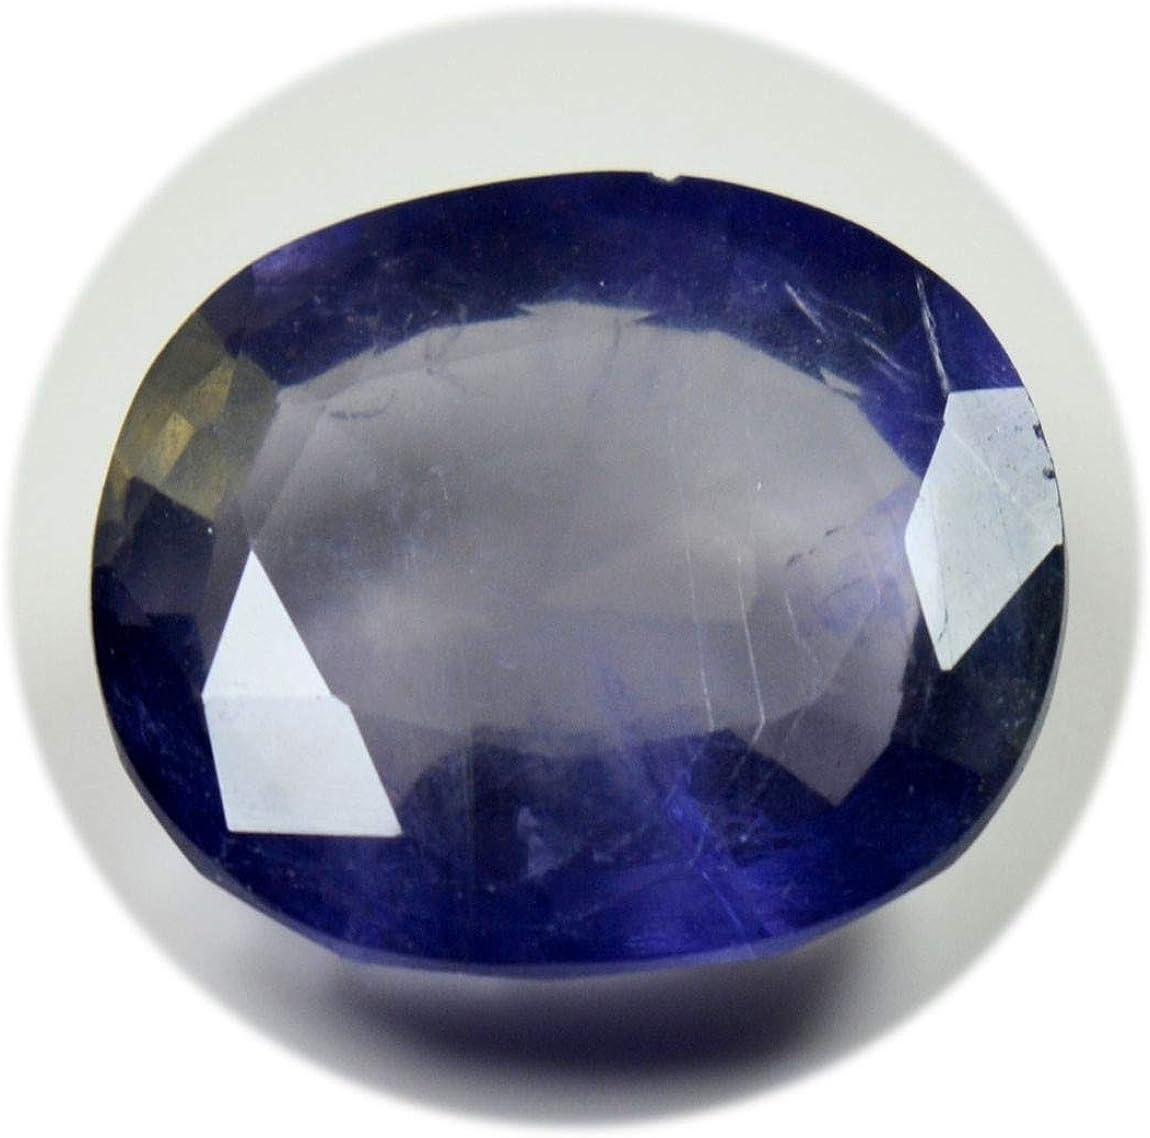 Gemsonclick 14X10 MM Taille Naturel Iolite Calibr/é Pierre Bleu Facettes Ovale Forme en Gros Gemstone